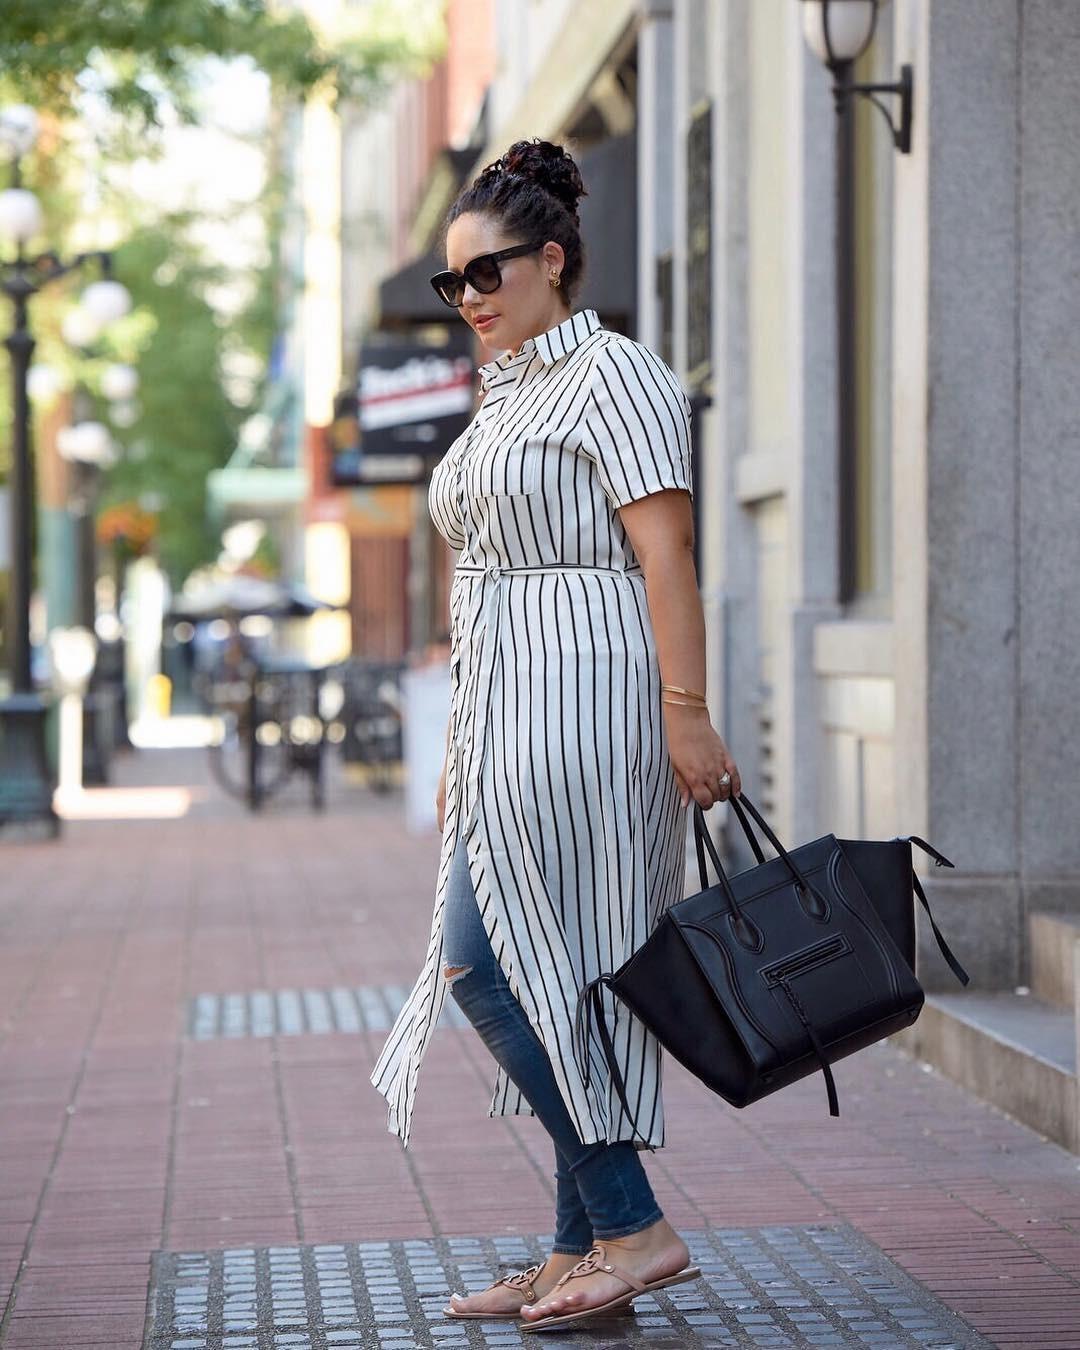 модные сеты 2018: платье-рубашка белая в полоску под джинсы